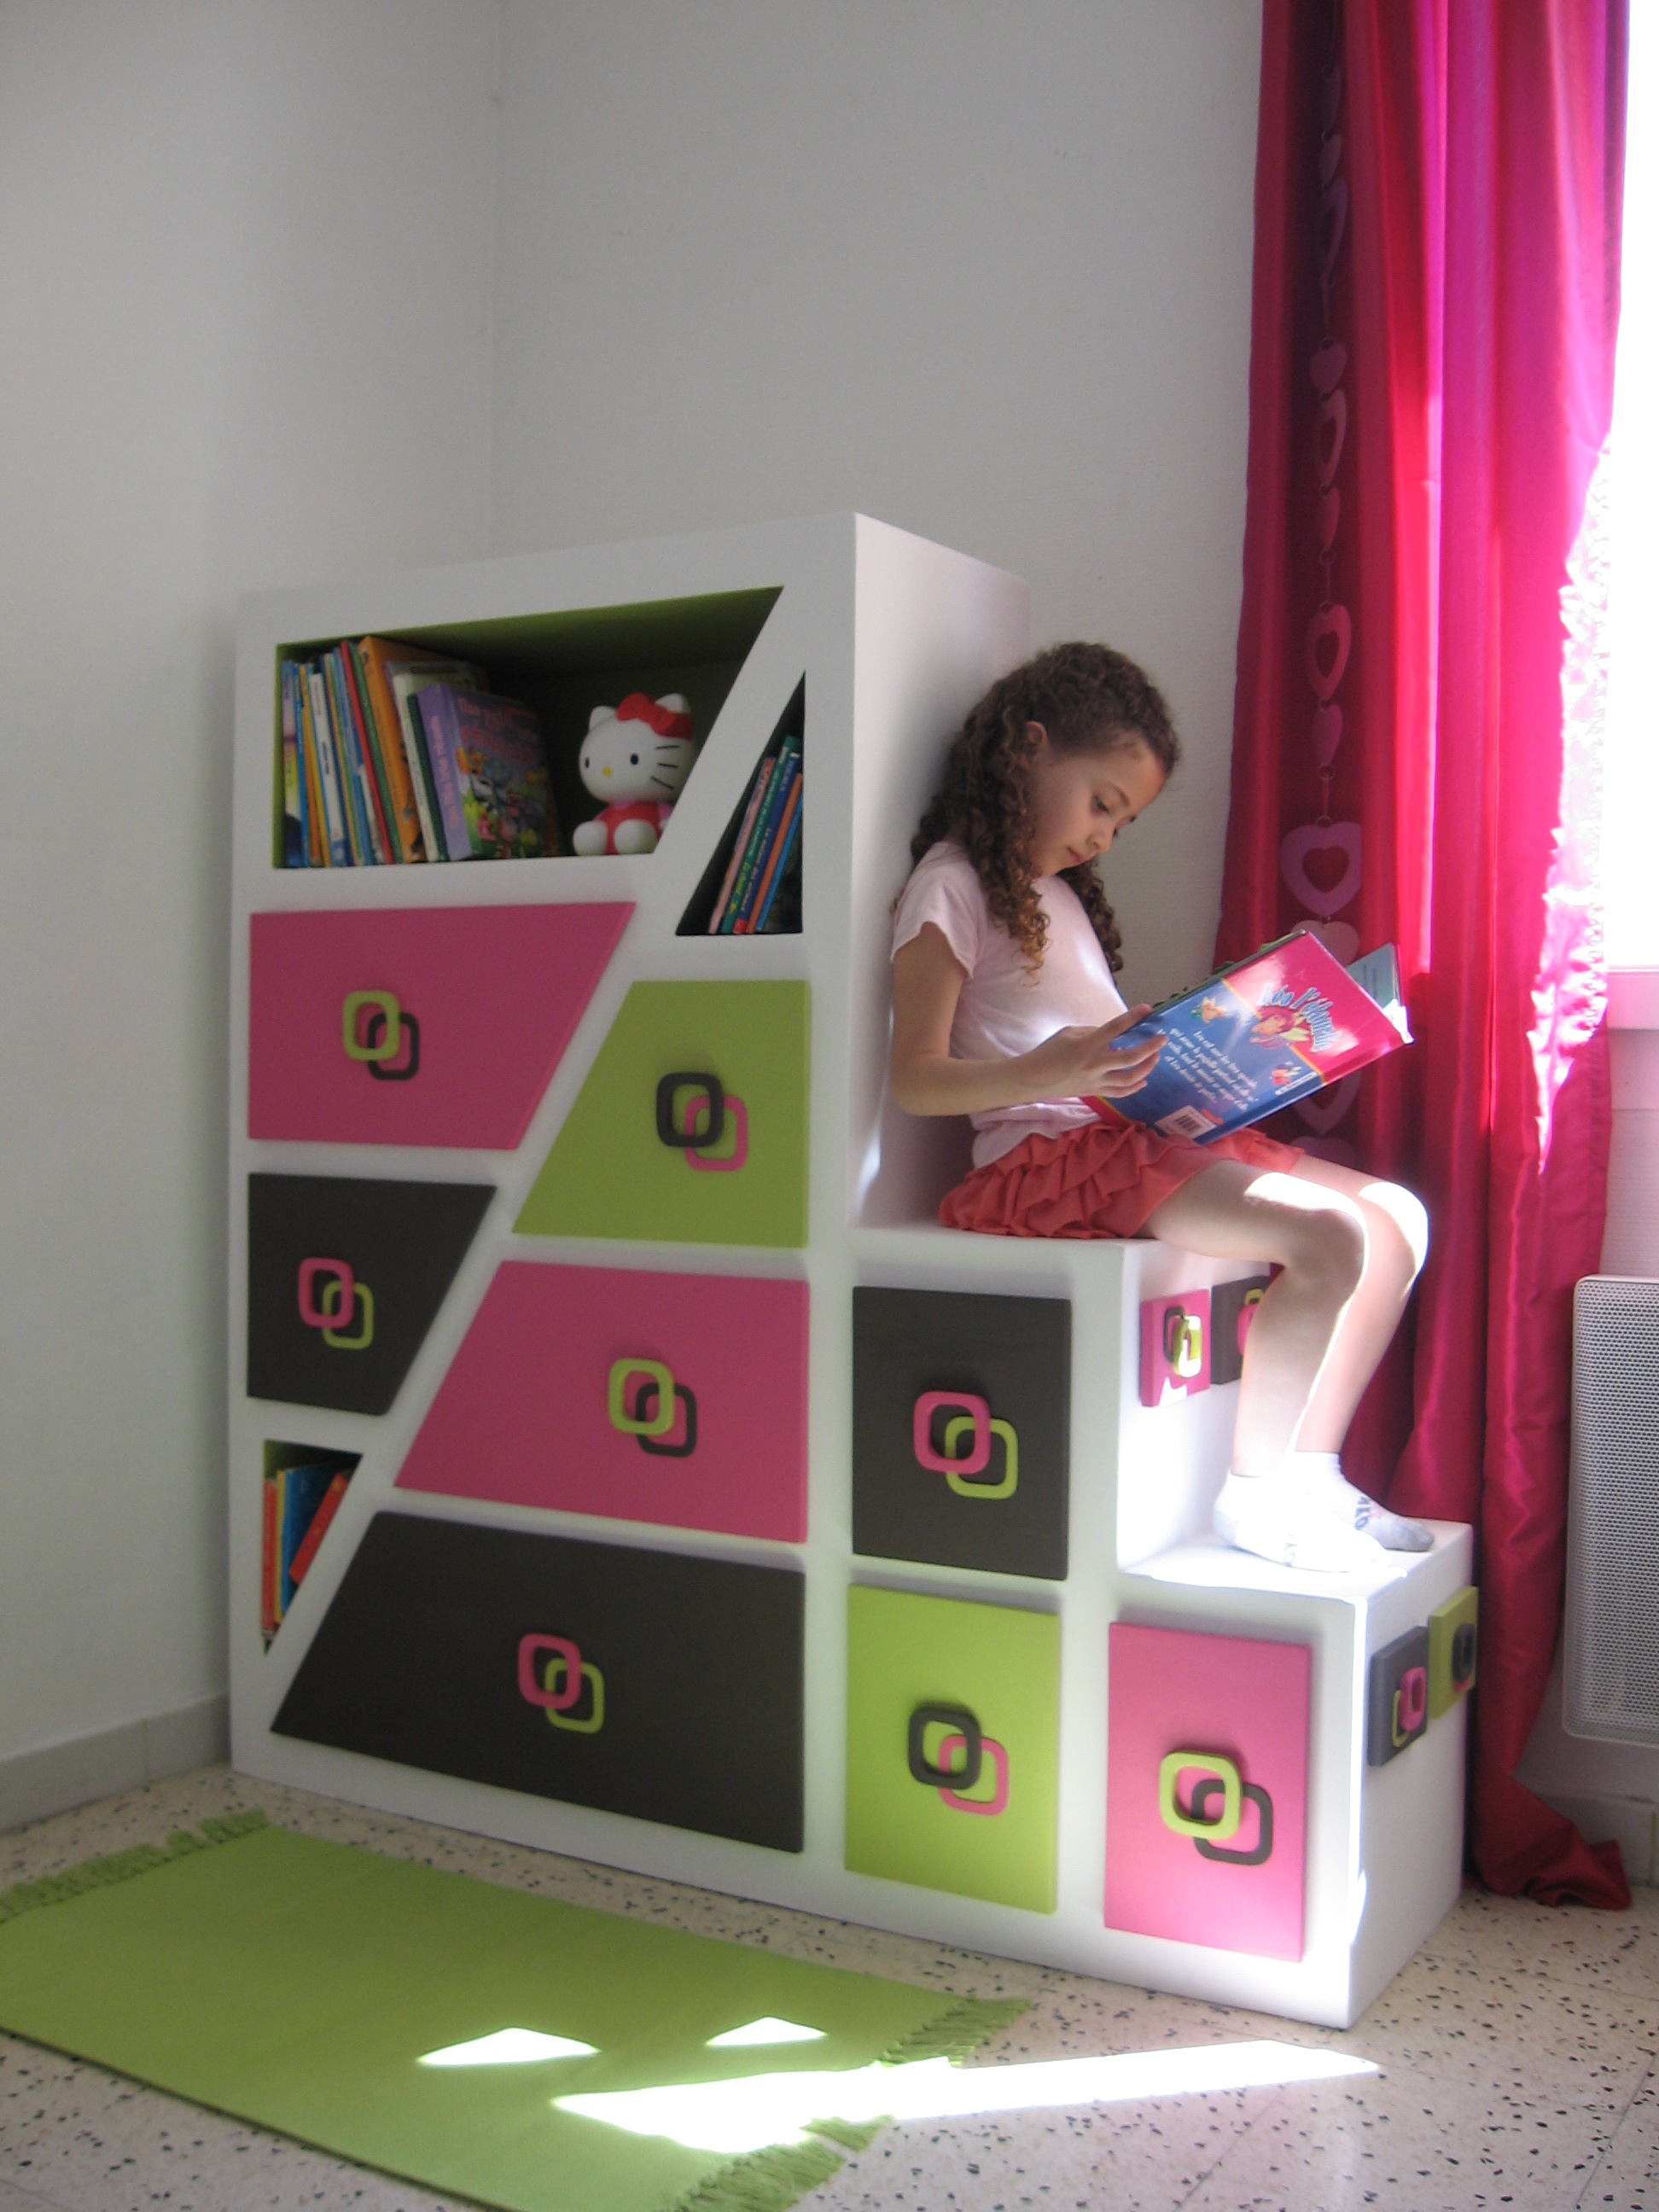 fdeco agencement que faire avec du carton. Black Bedroom Furniture Sets. Home Design Ideas